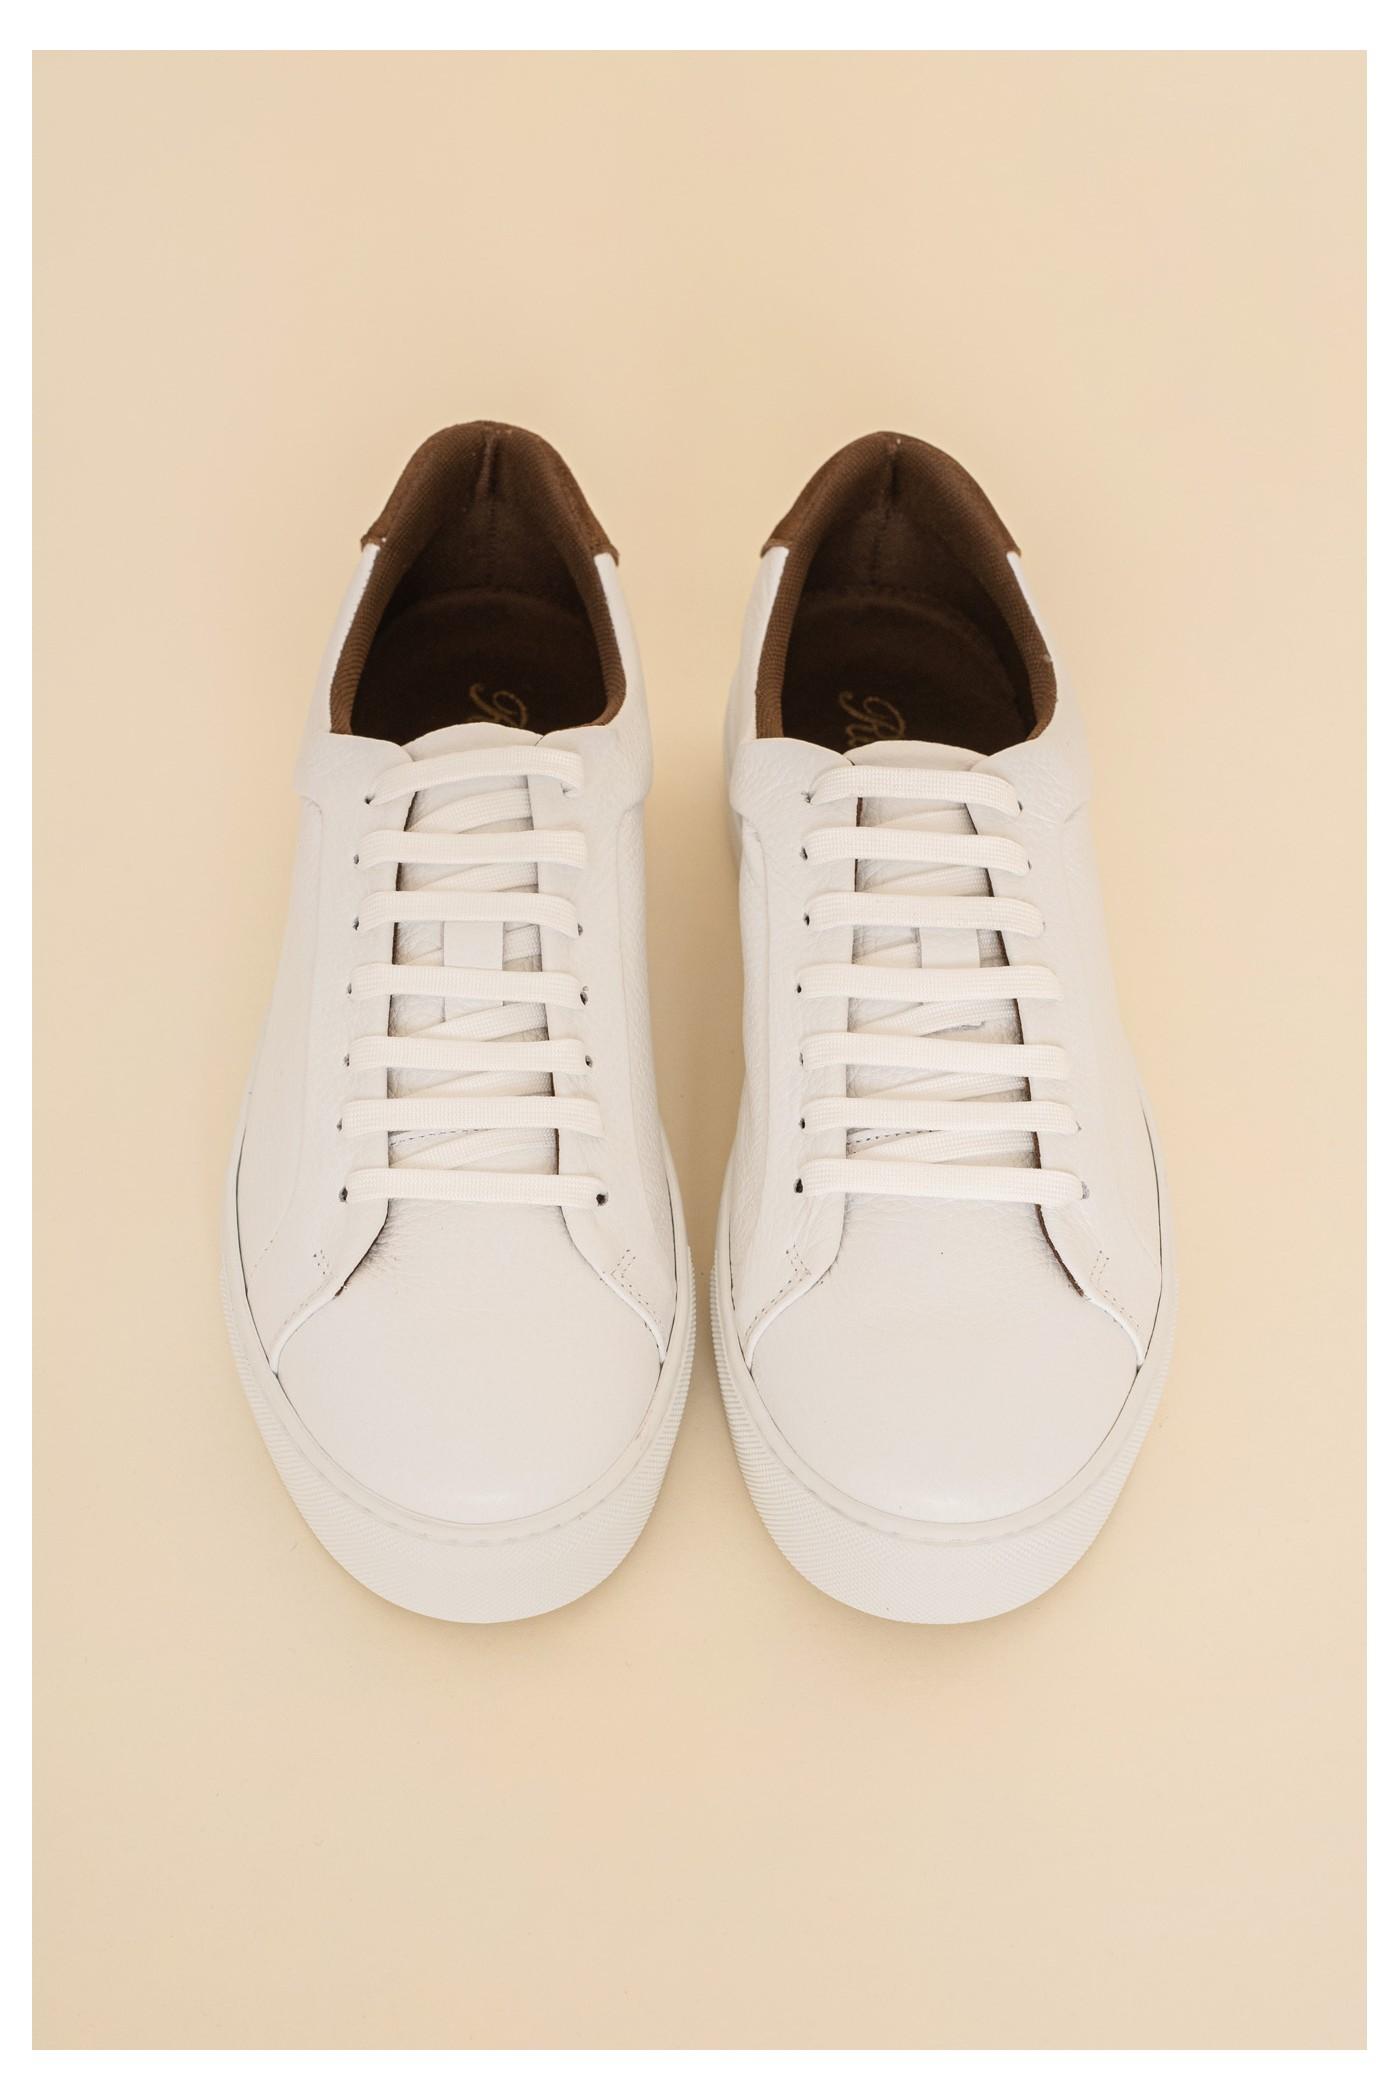 Παπούτσι δερμάτινο sneaker, ανδρικό